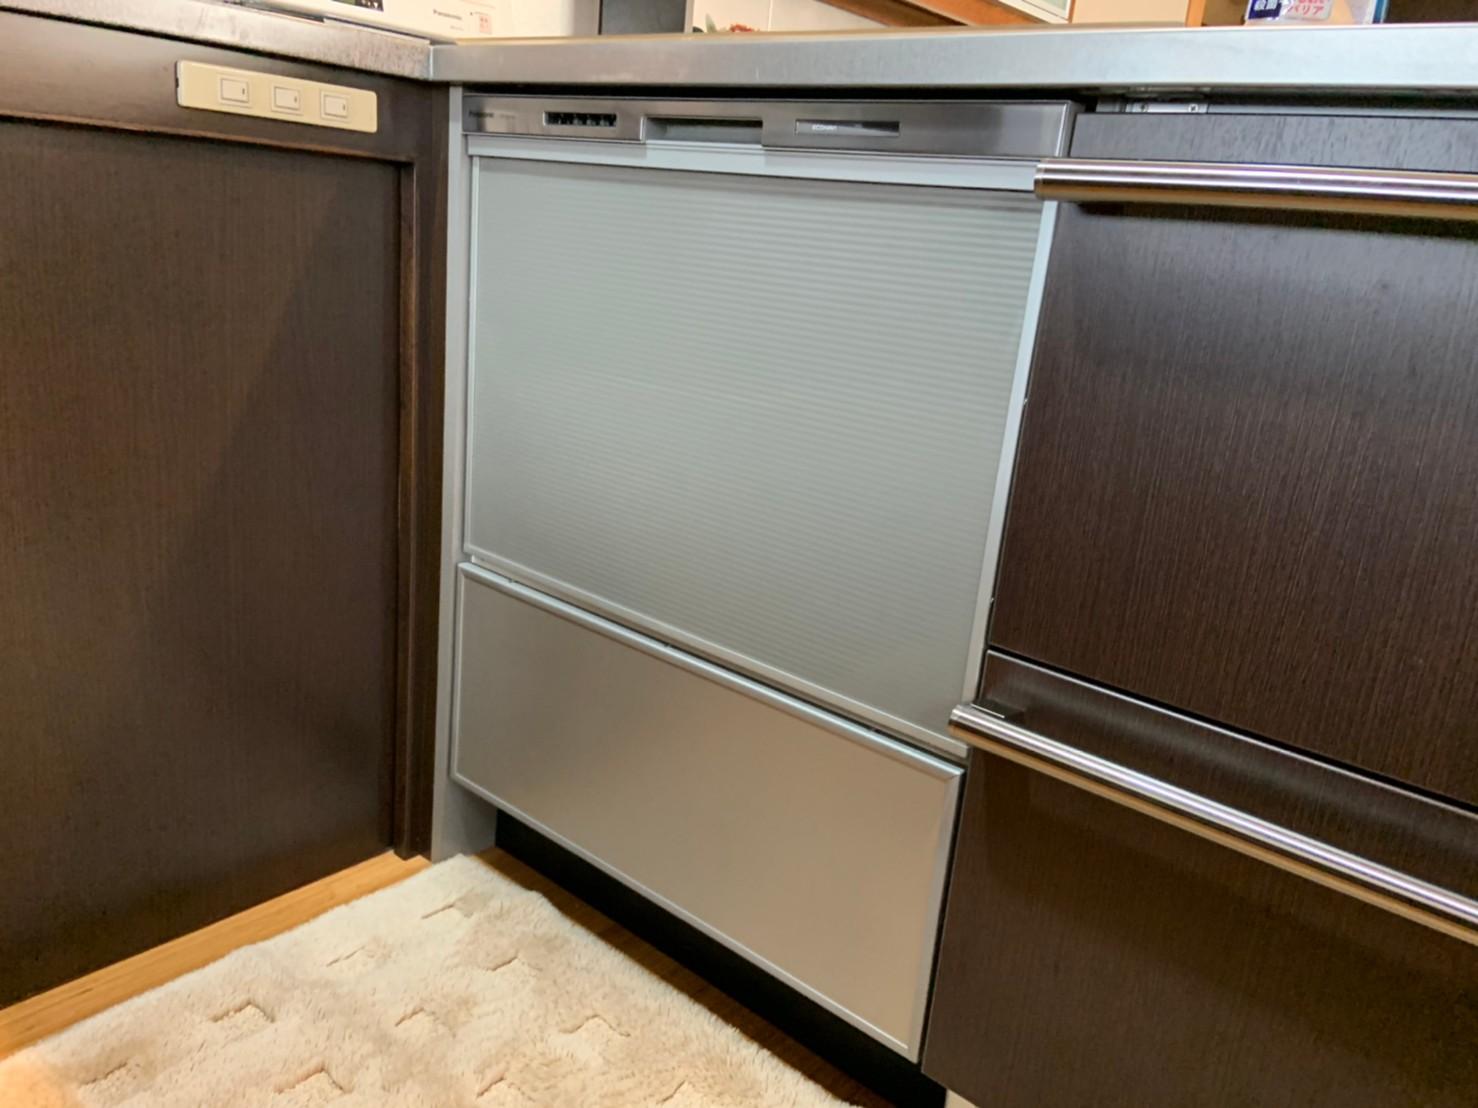 ビルトイン食洗機の交換工事|NP-60MS8S|京都市北区